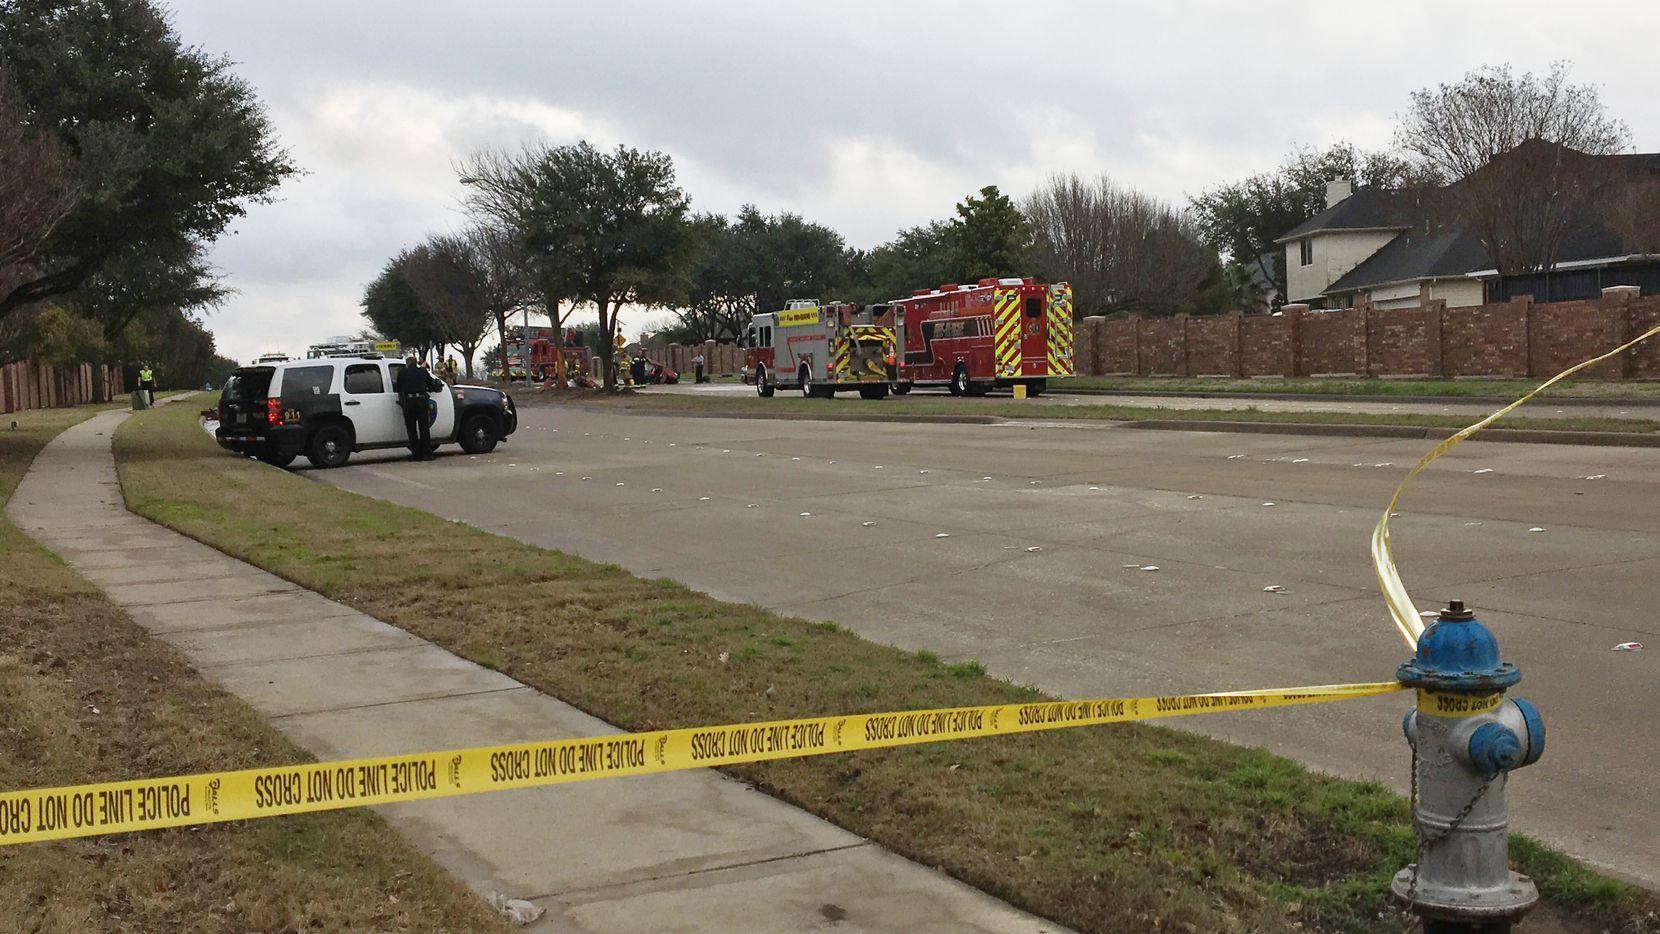 Accidente automovilístico mató a tres jóvenes, dos de ellos estudiantes de preparatoria de Plano, en febrero.